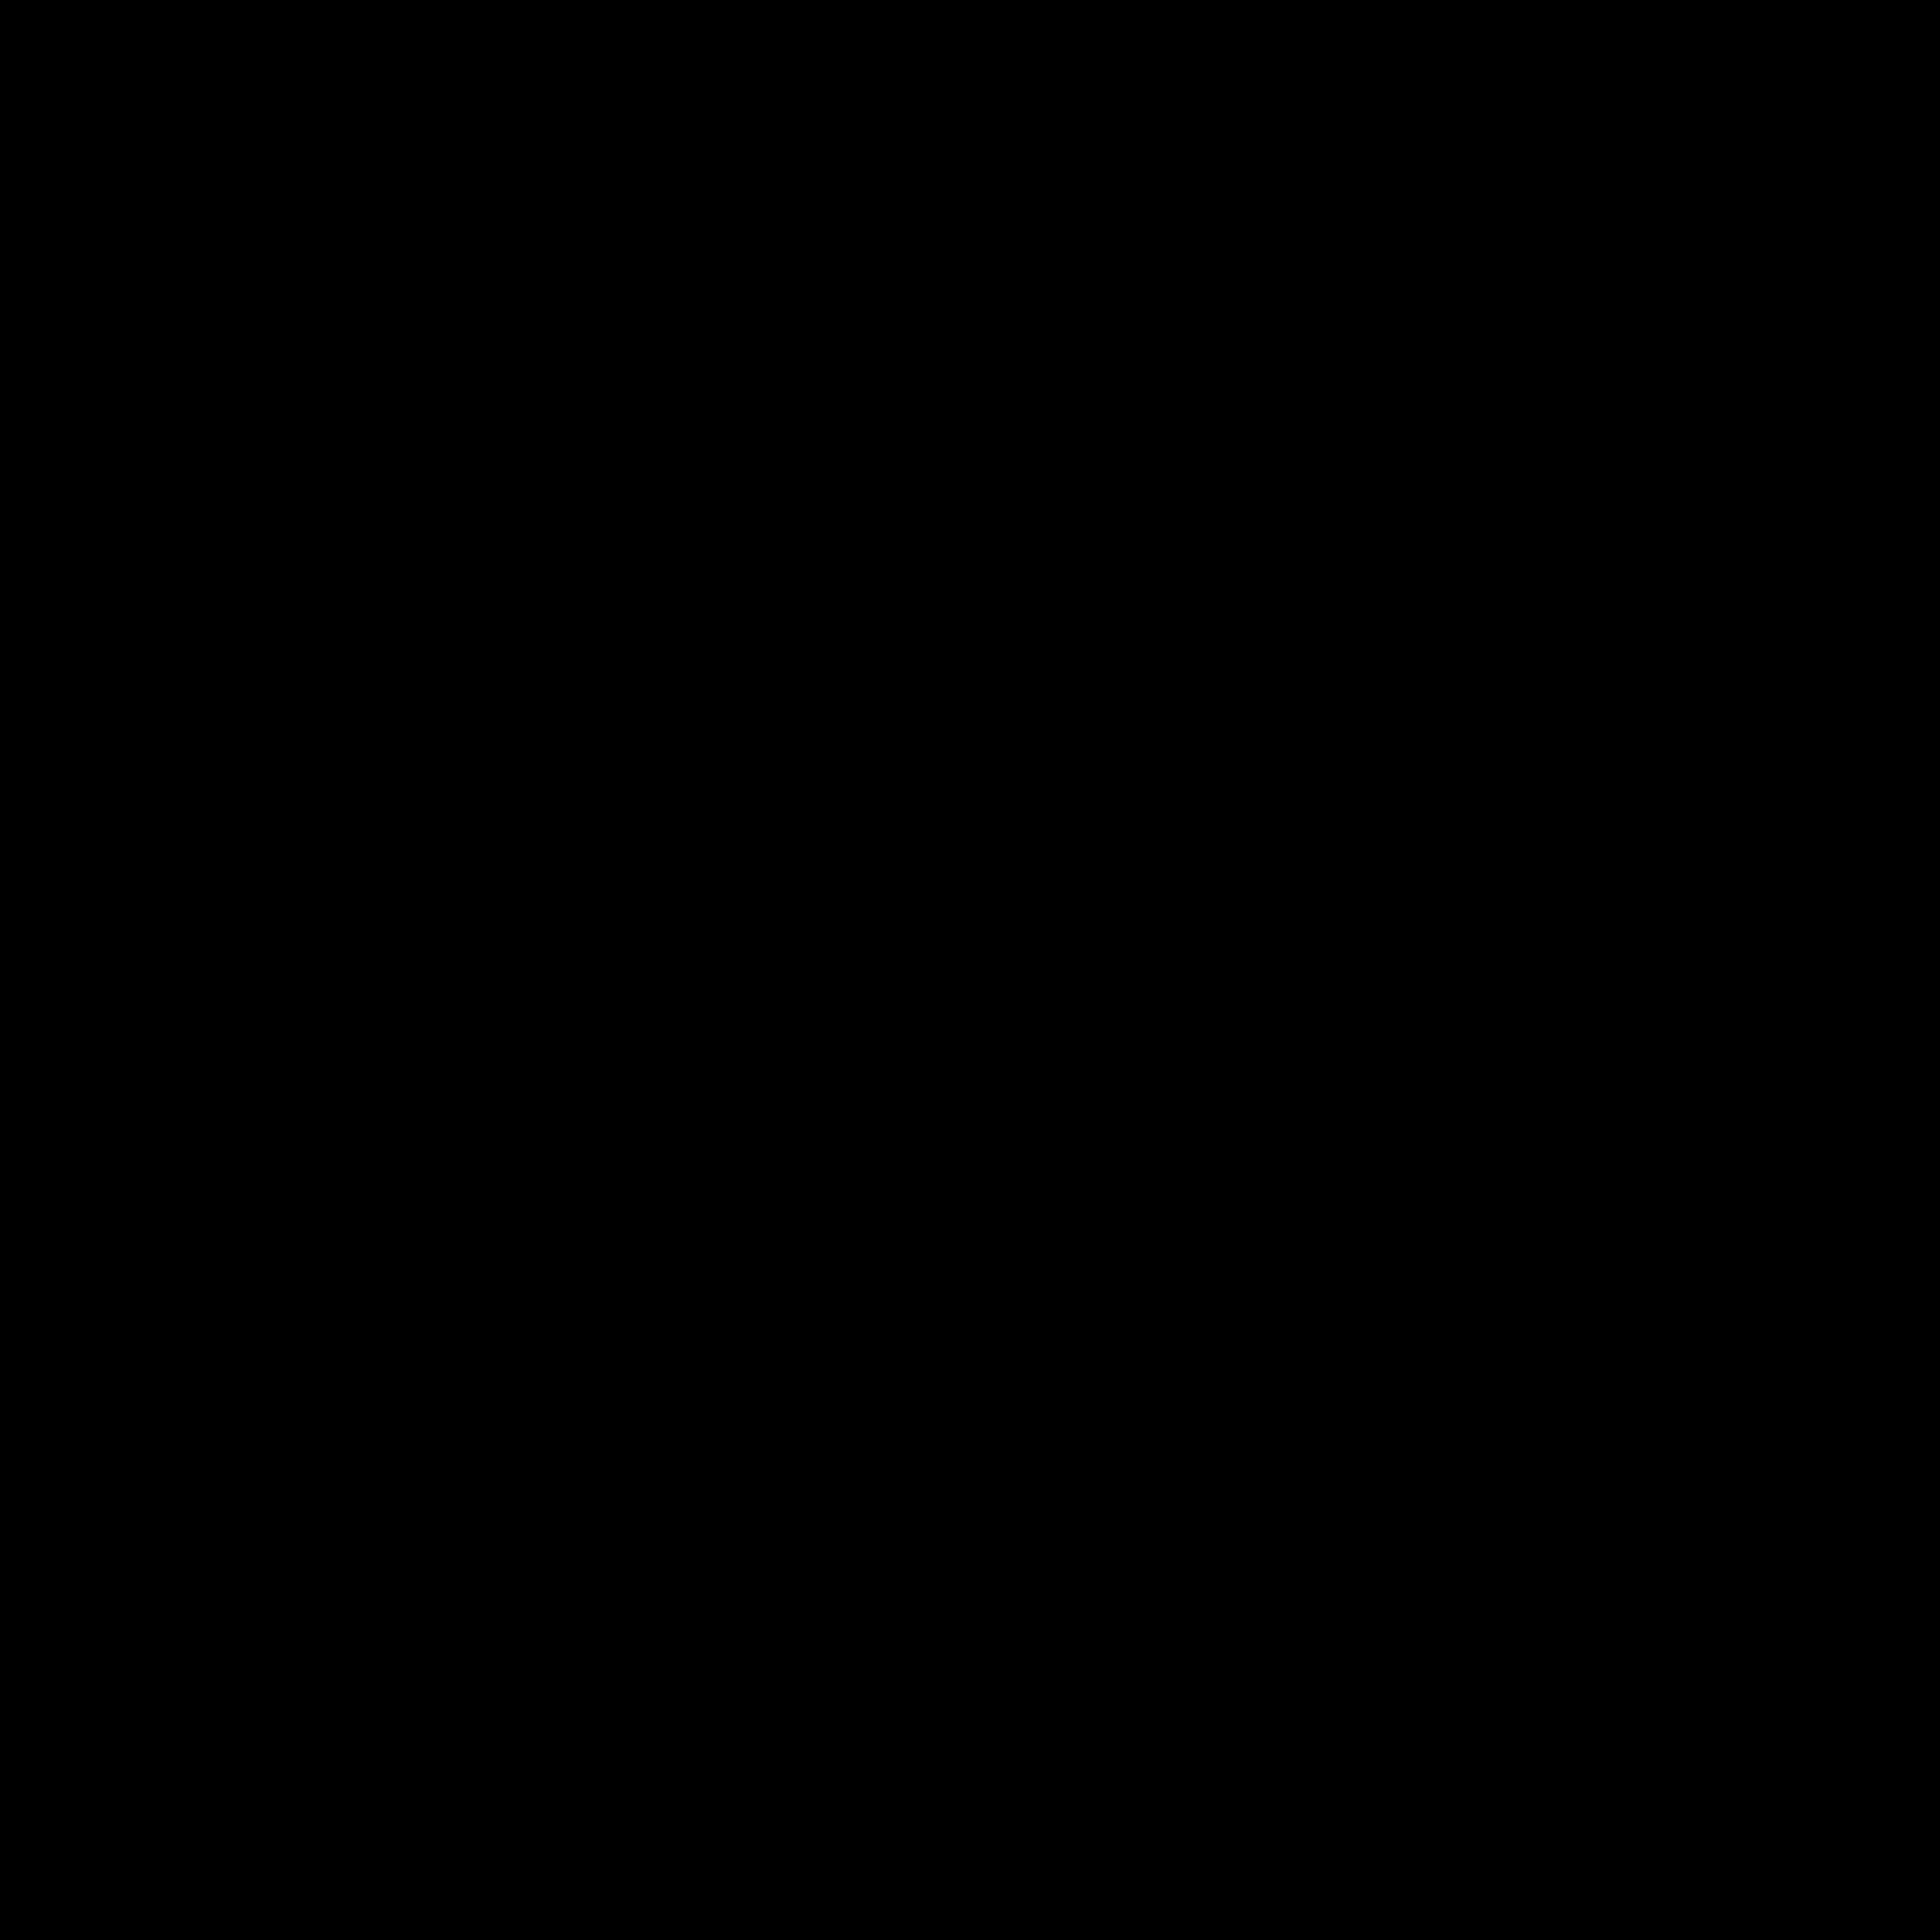 Bitcount specimen